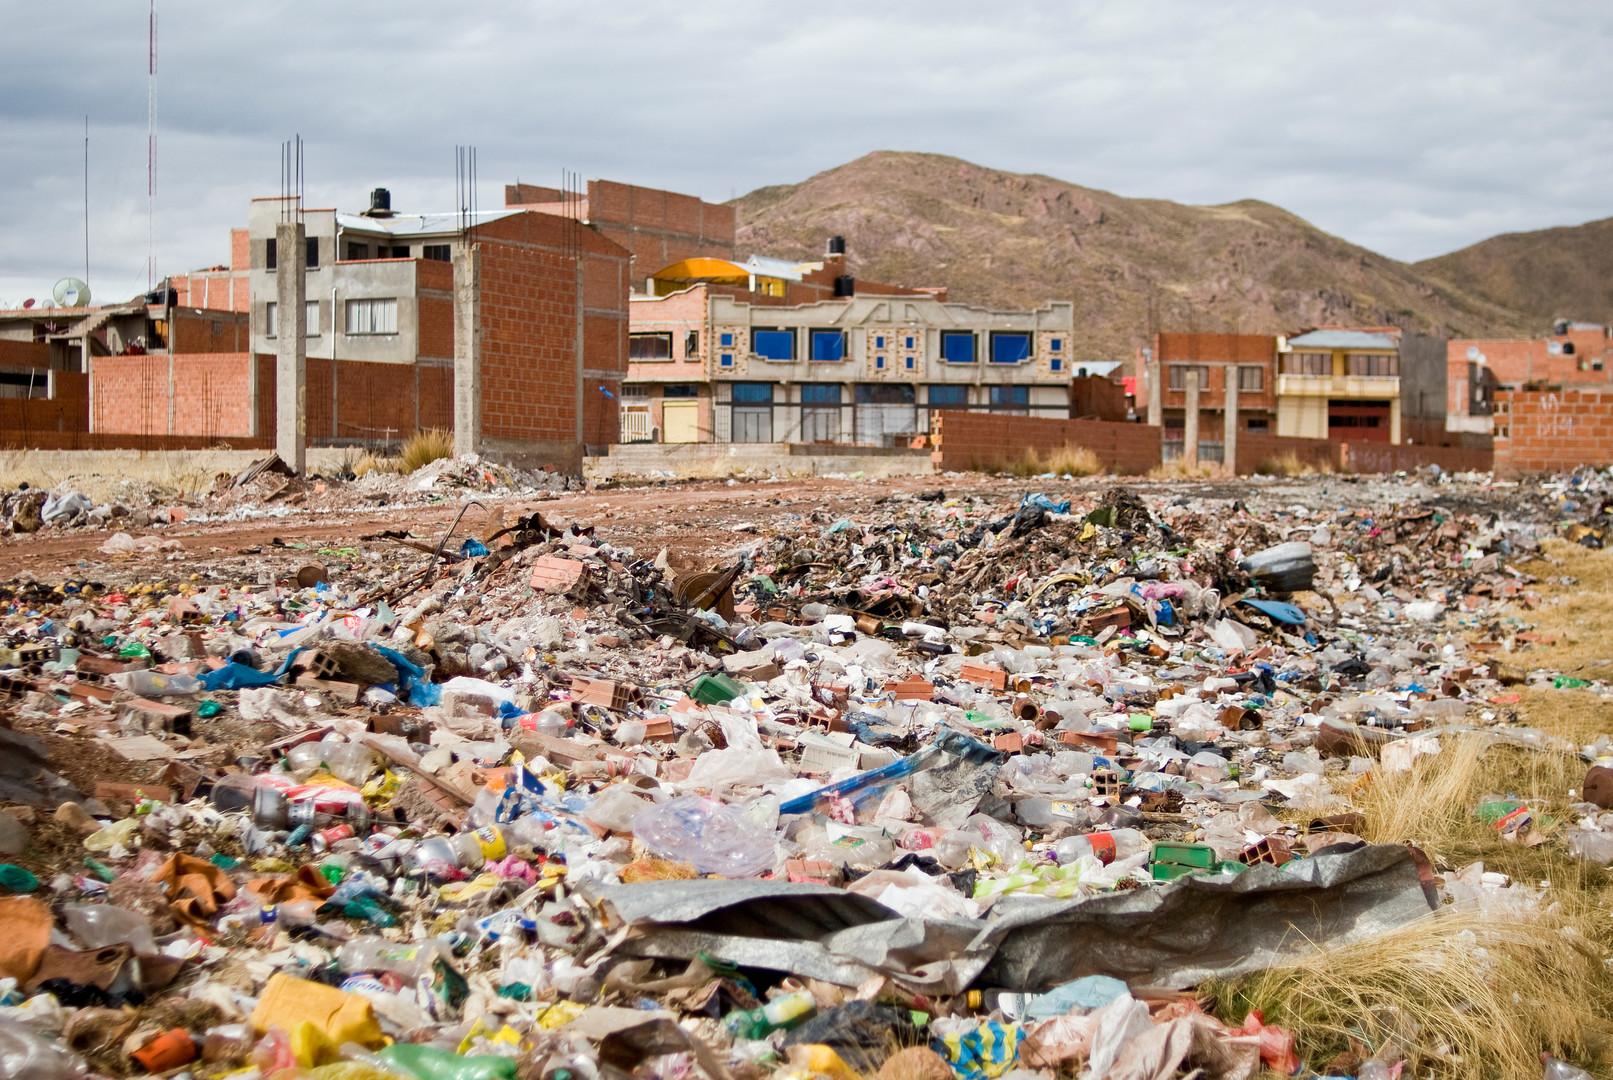 Müll am Rande des Dorfes Desaguadero